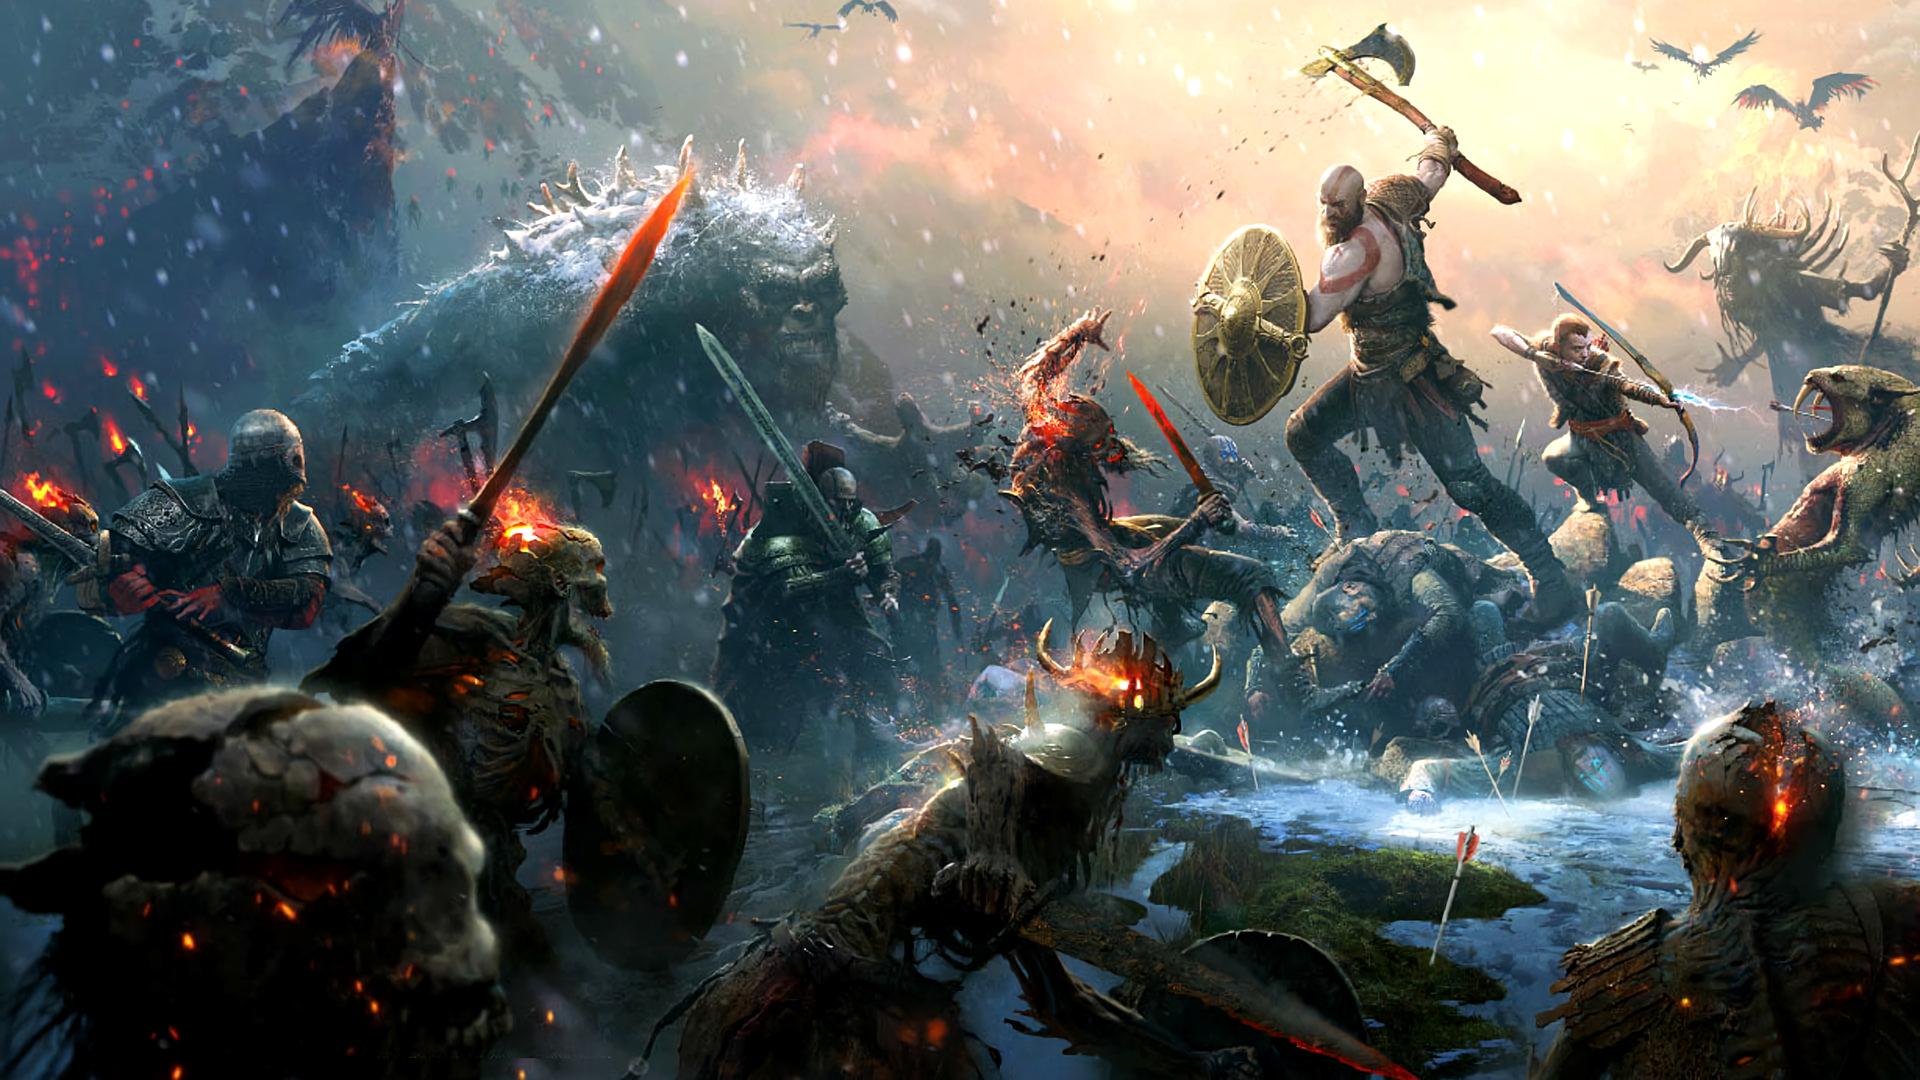 Wallpaper 4k Pc God Of War Trick God Of War Kratos God Of War War